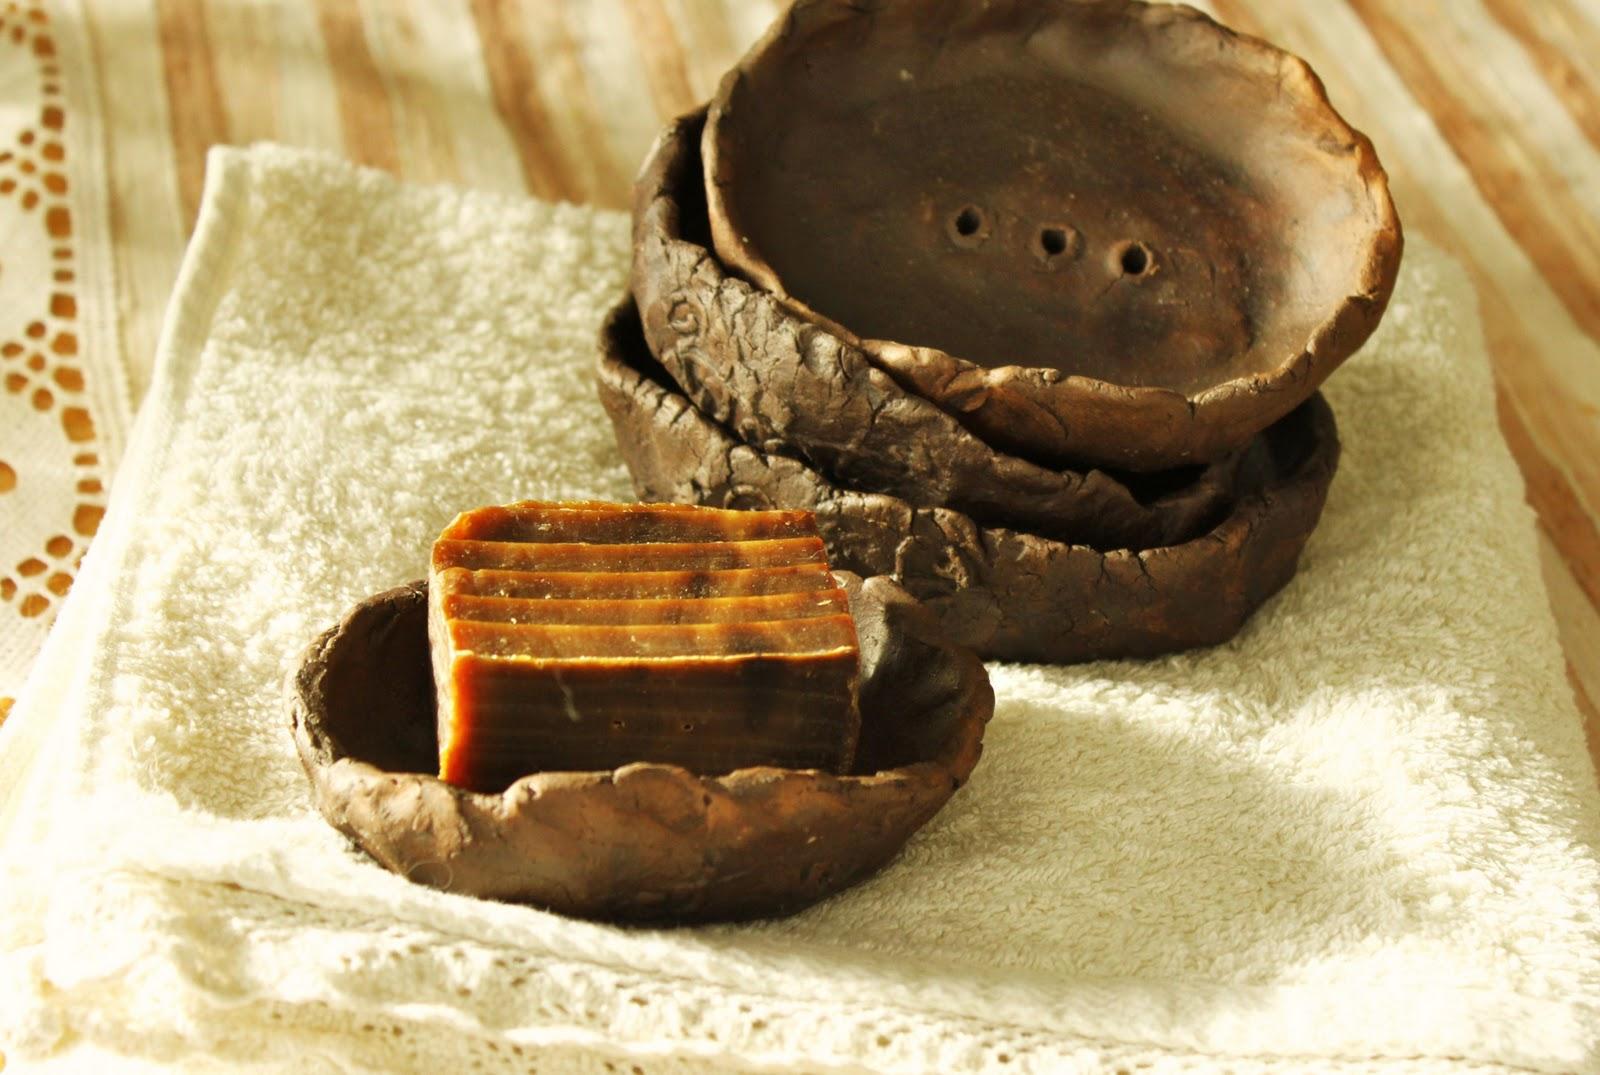 Дегтярное мыло: применение, эффект и домашние рецепты